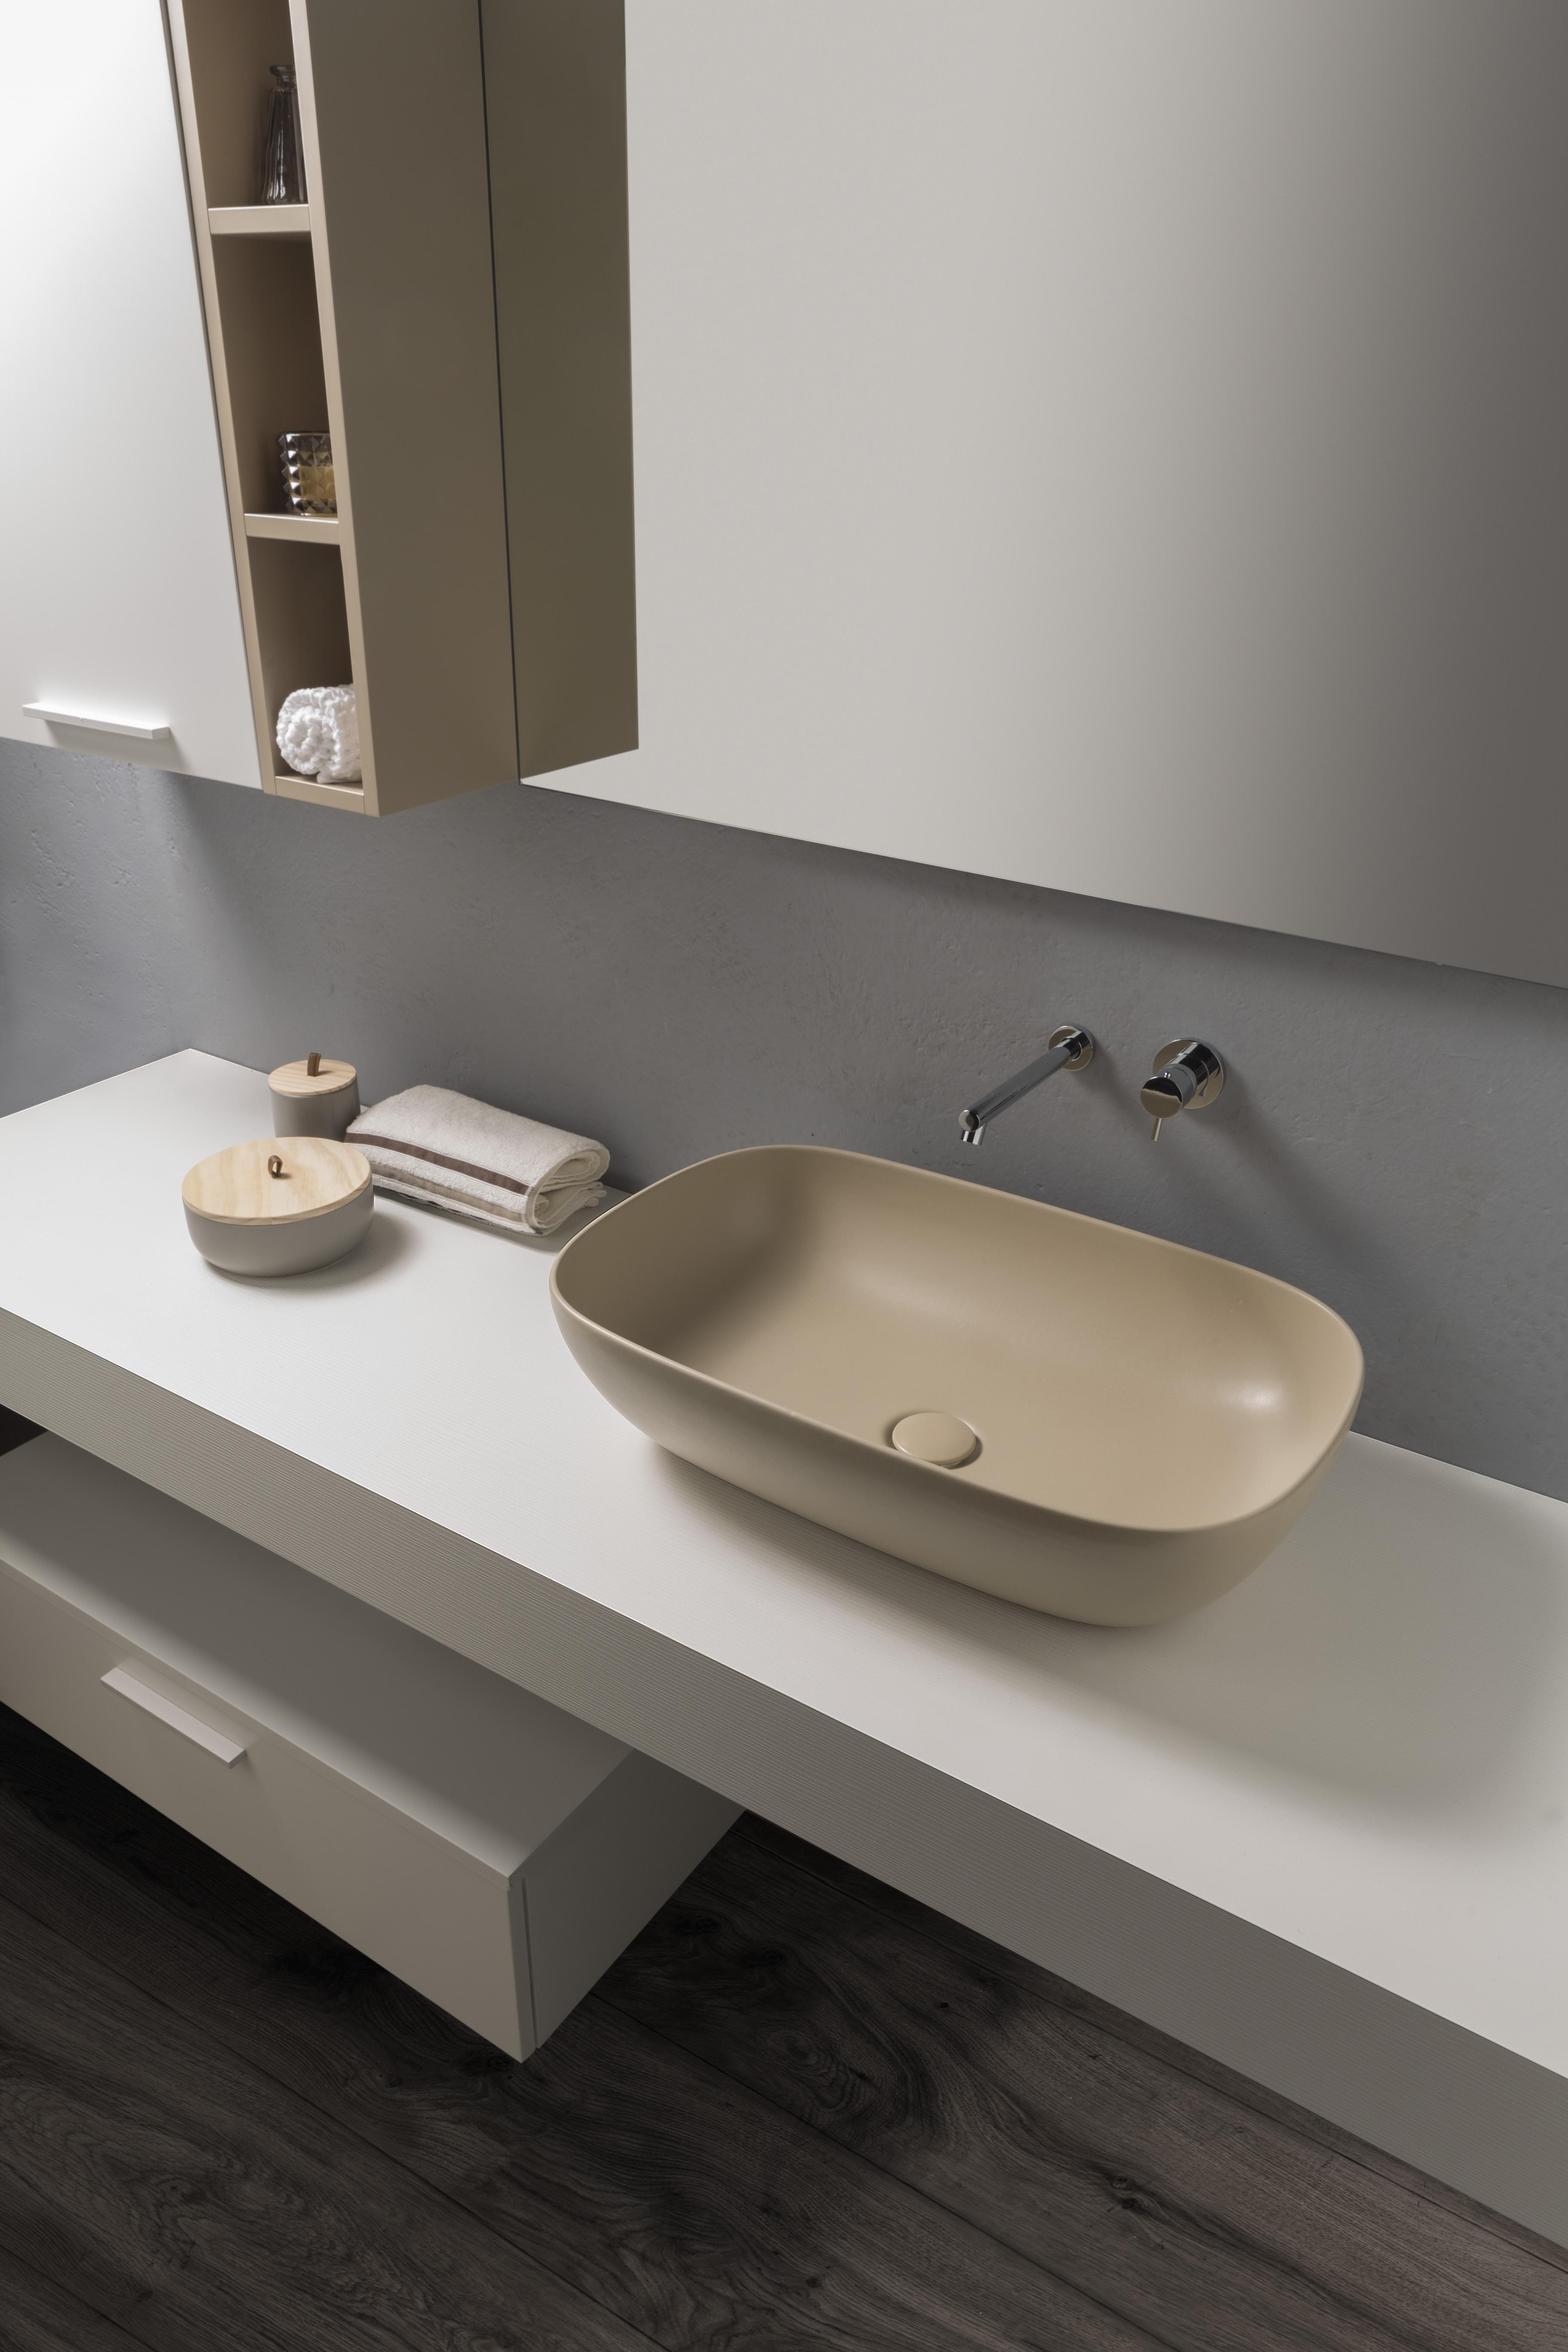 Lavello Cucina In Porcellana lavabi da appoggio: 18 modelli d'ogni forma, misura e colore